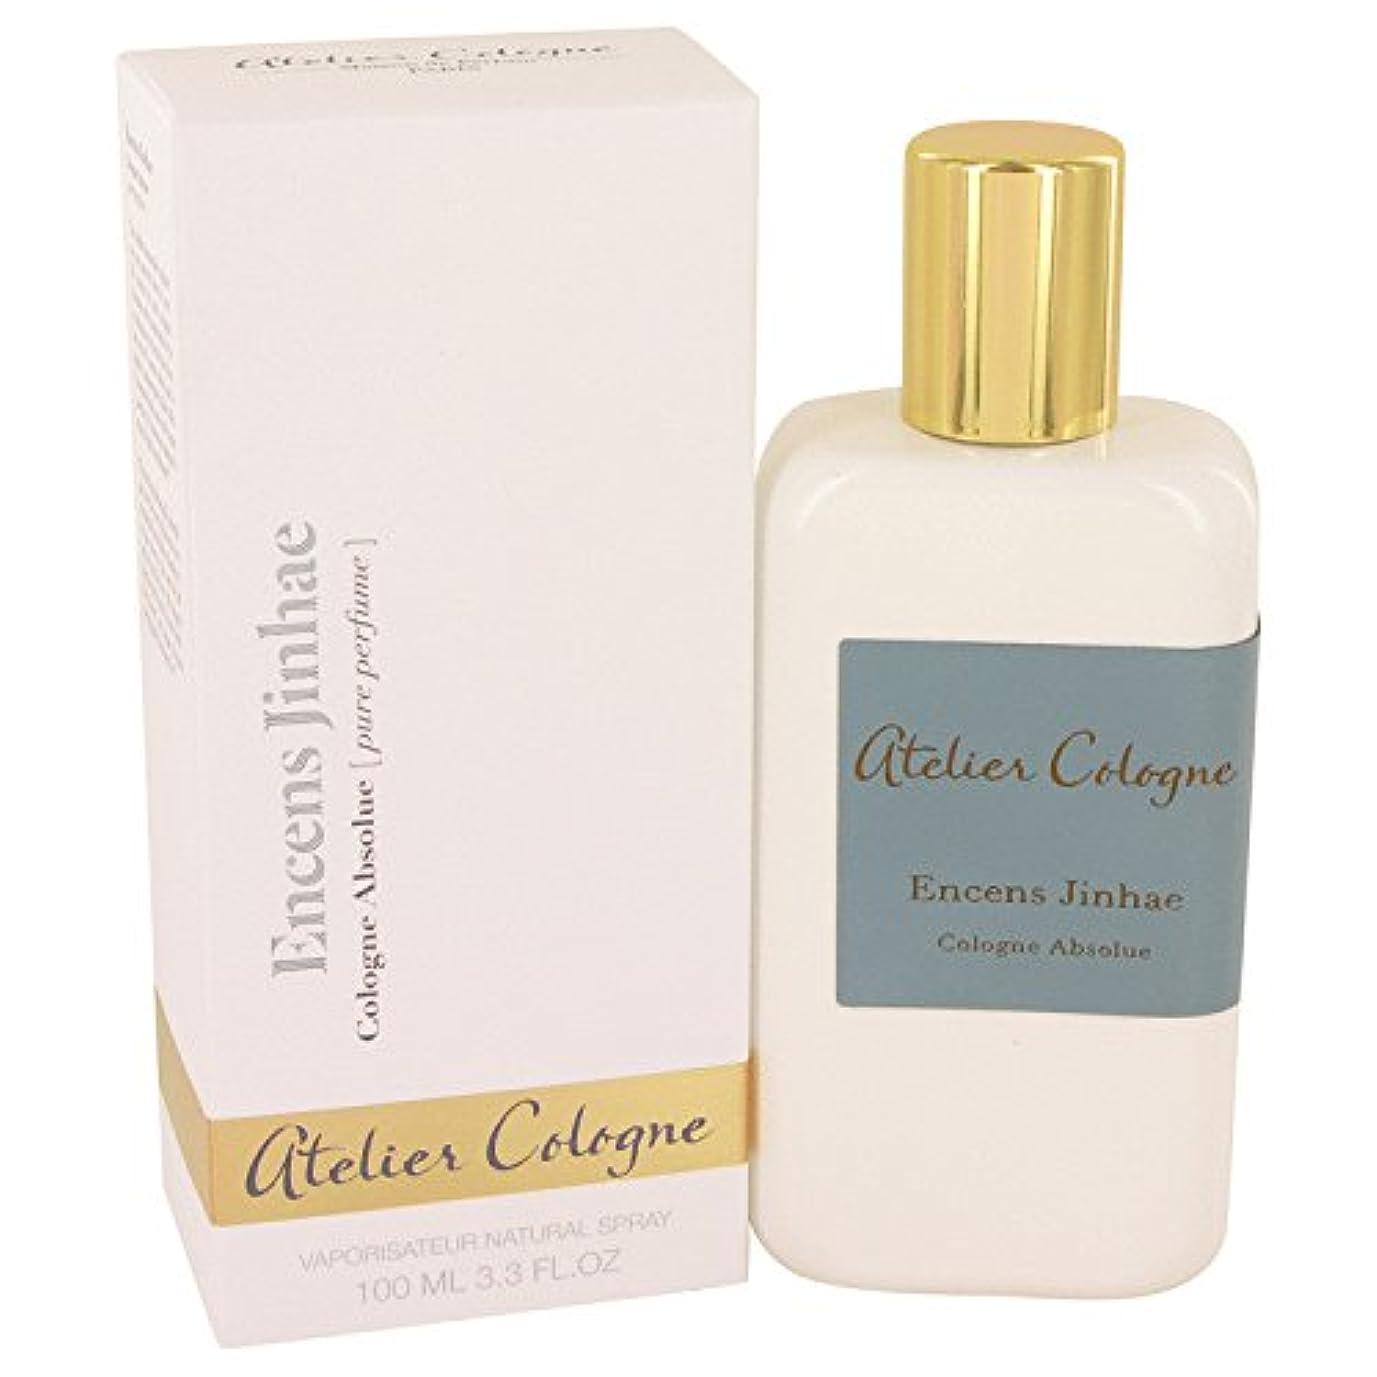 取り替える調停するピークEncens Jinhae Pure Perfume Spray By Atelier Cologne